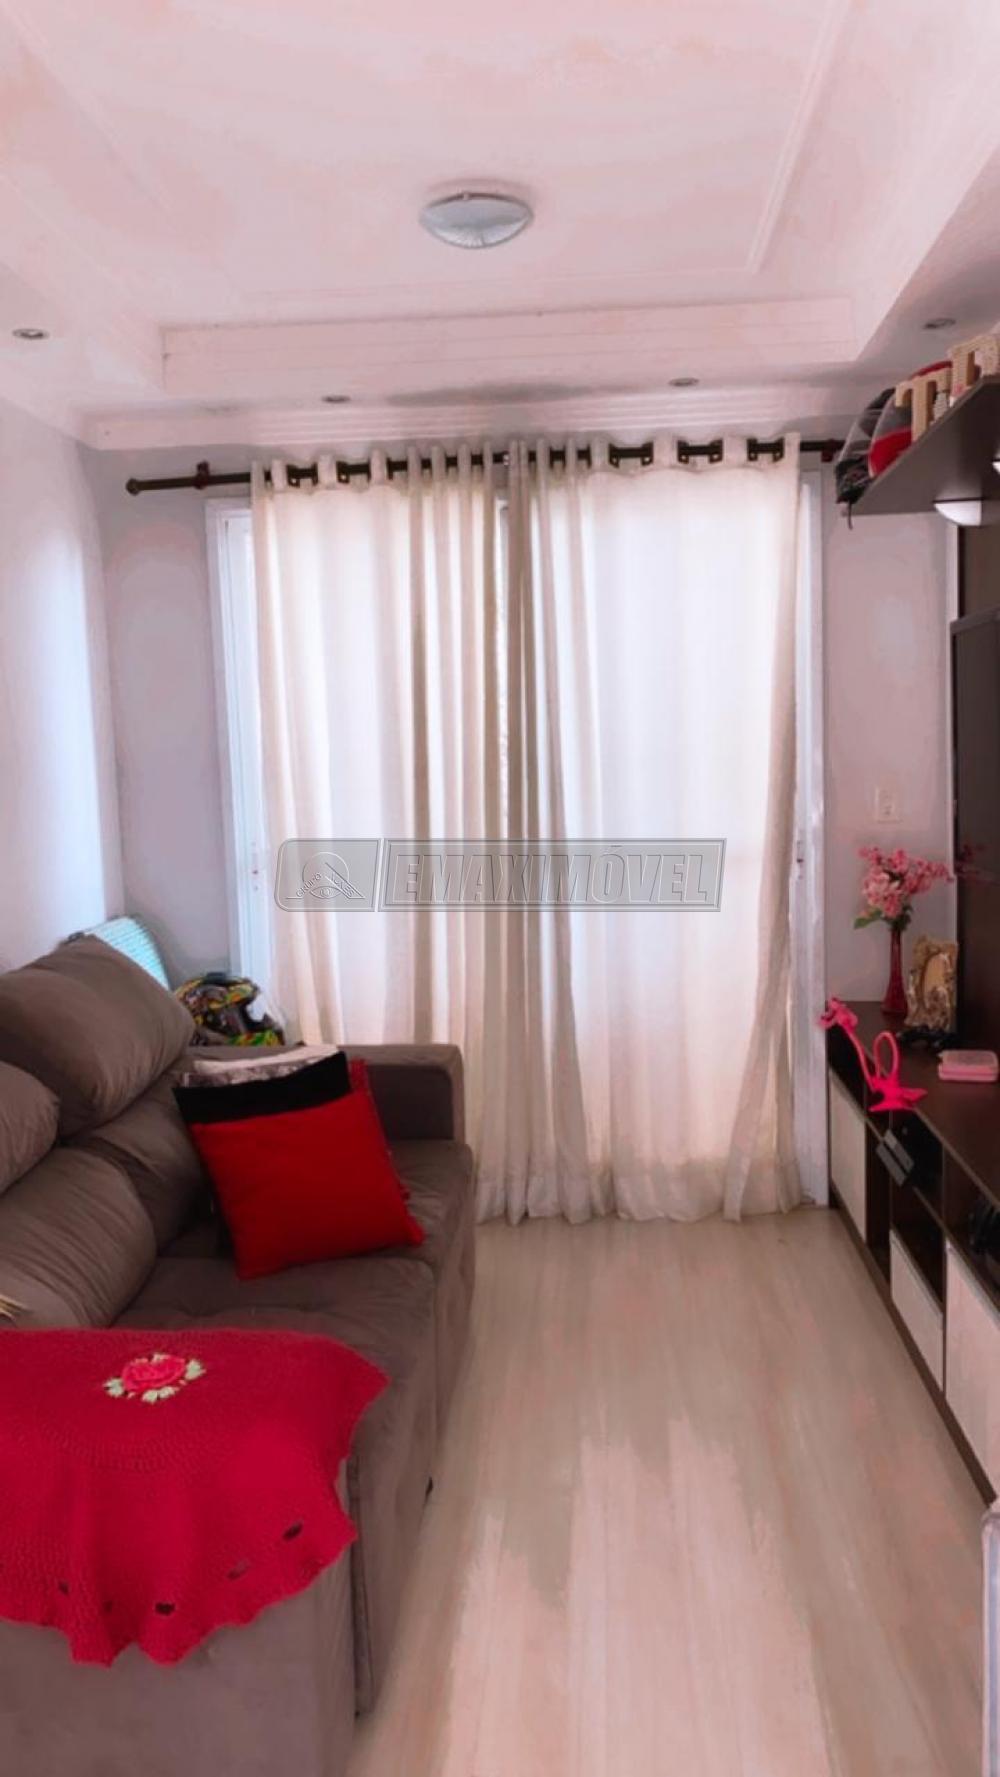 Alugar Apartamento / Padrão em Sorocaba R$ 1.300,00 - Foto 4